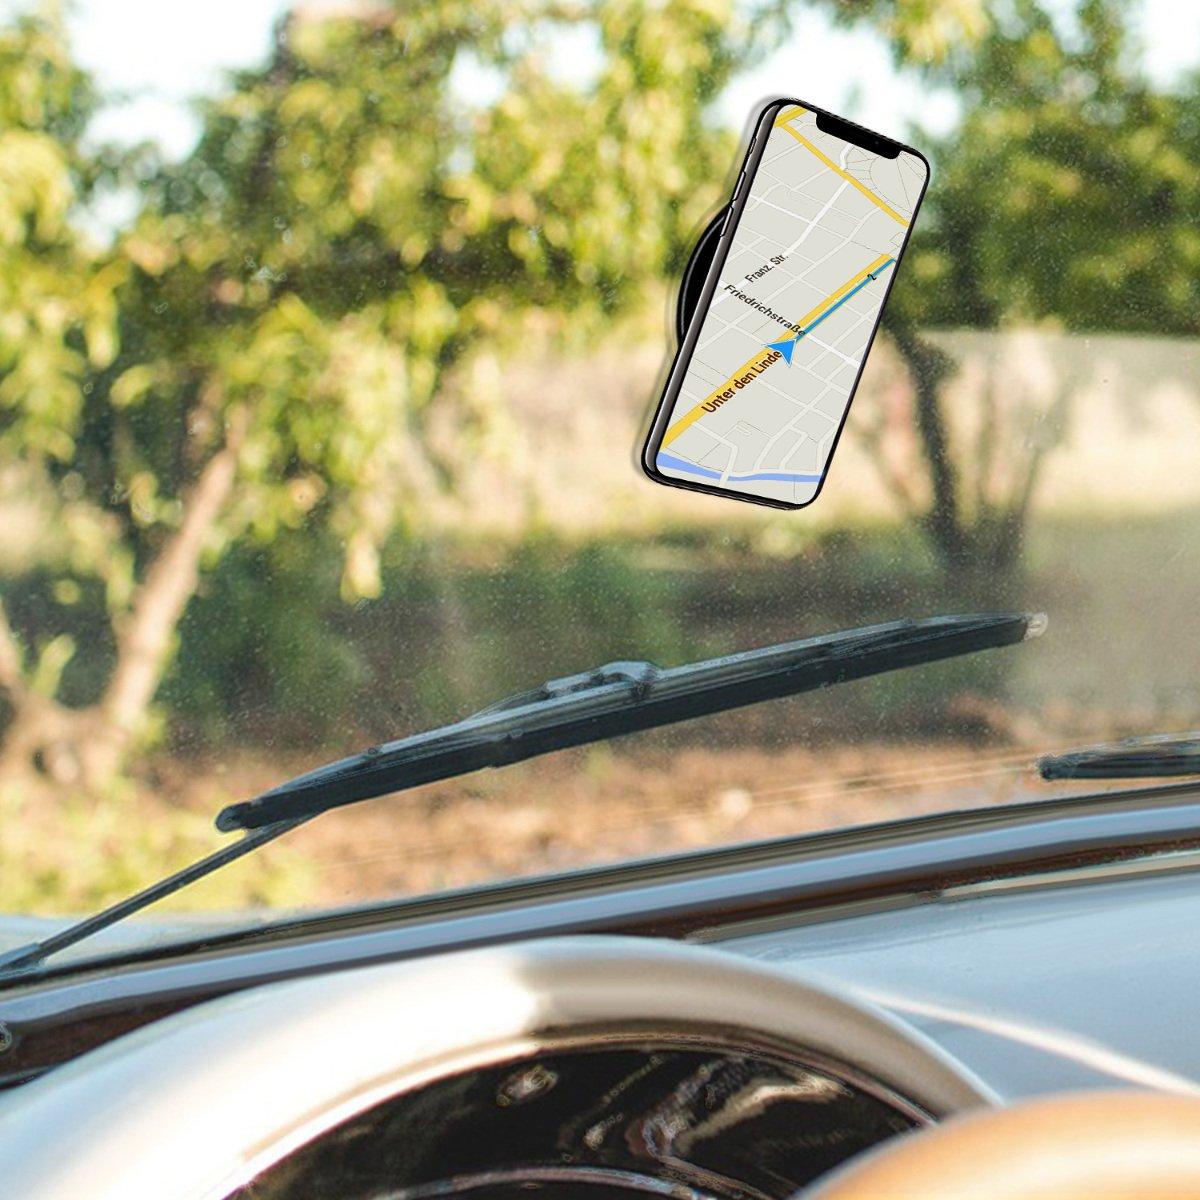 kwmobile Set 3 Almohadillas Autoadhesivas de Gel Pads para sujeci/ón de m/óvil GPS Tablet 3X Almohadilla Antideslizante de Silicona Transparente